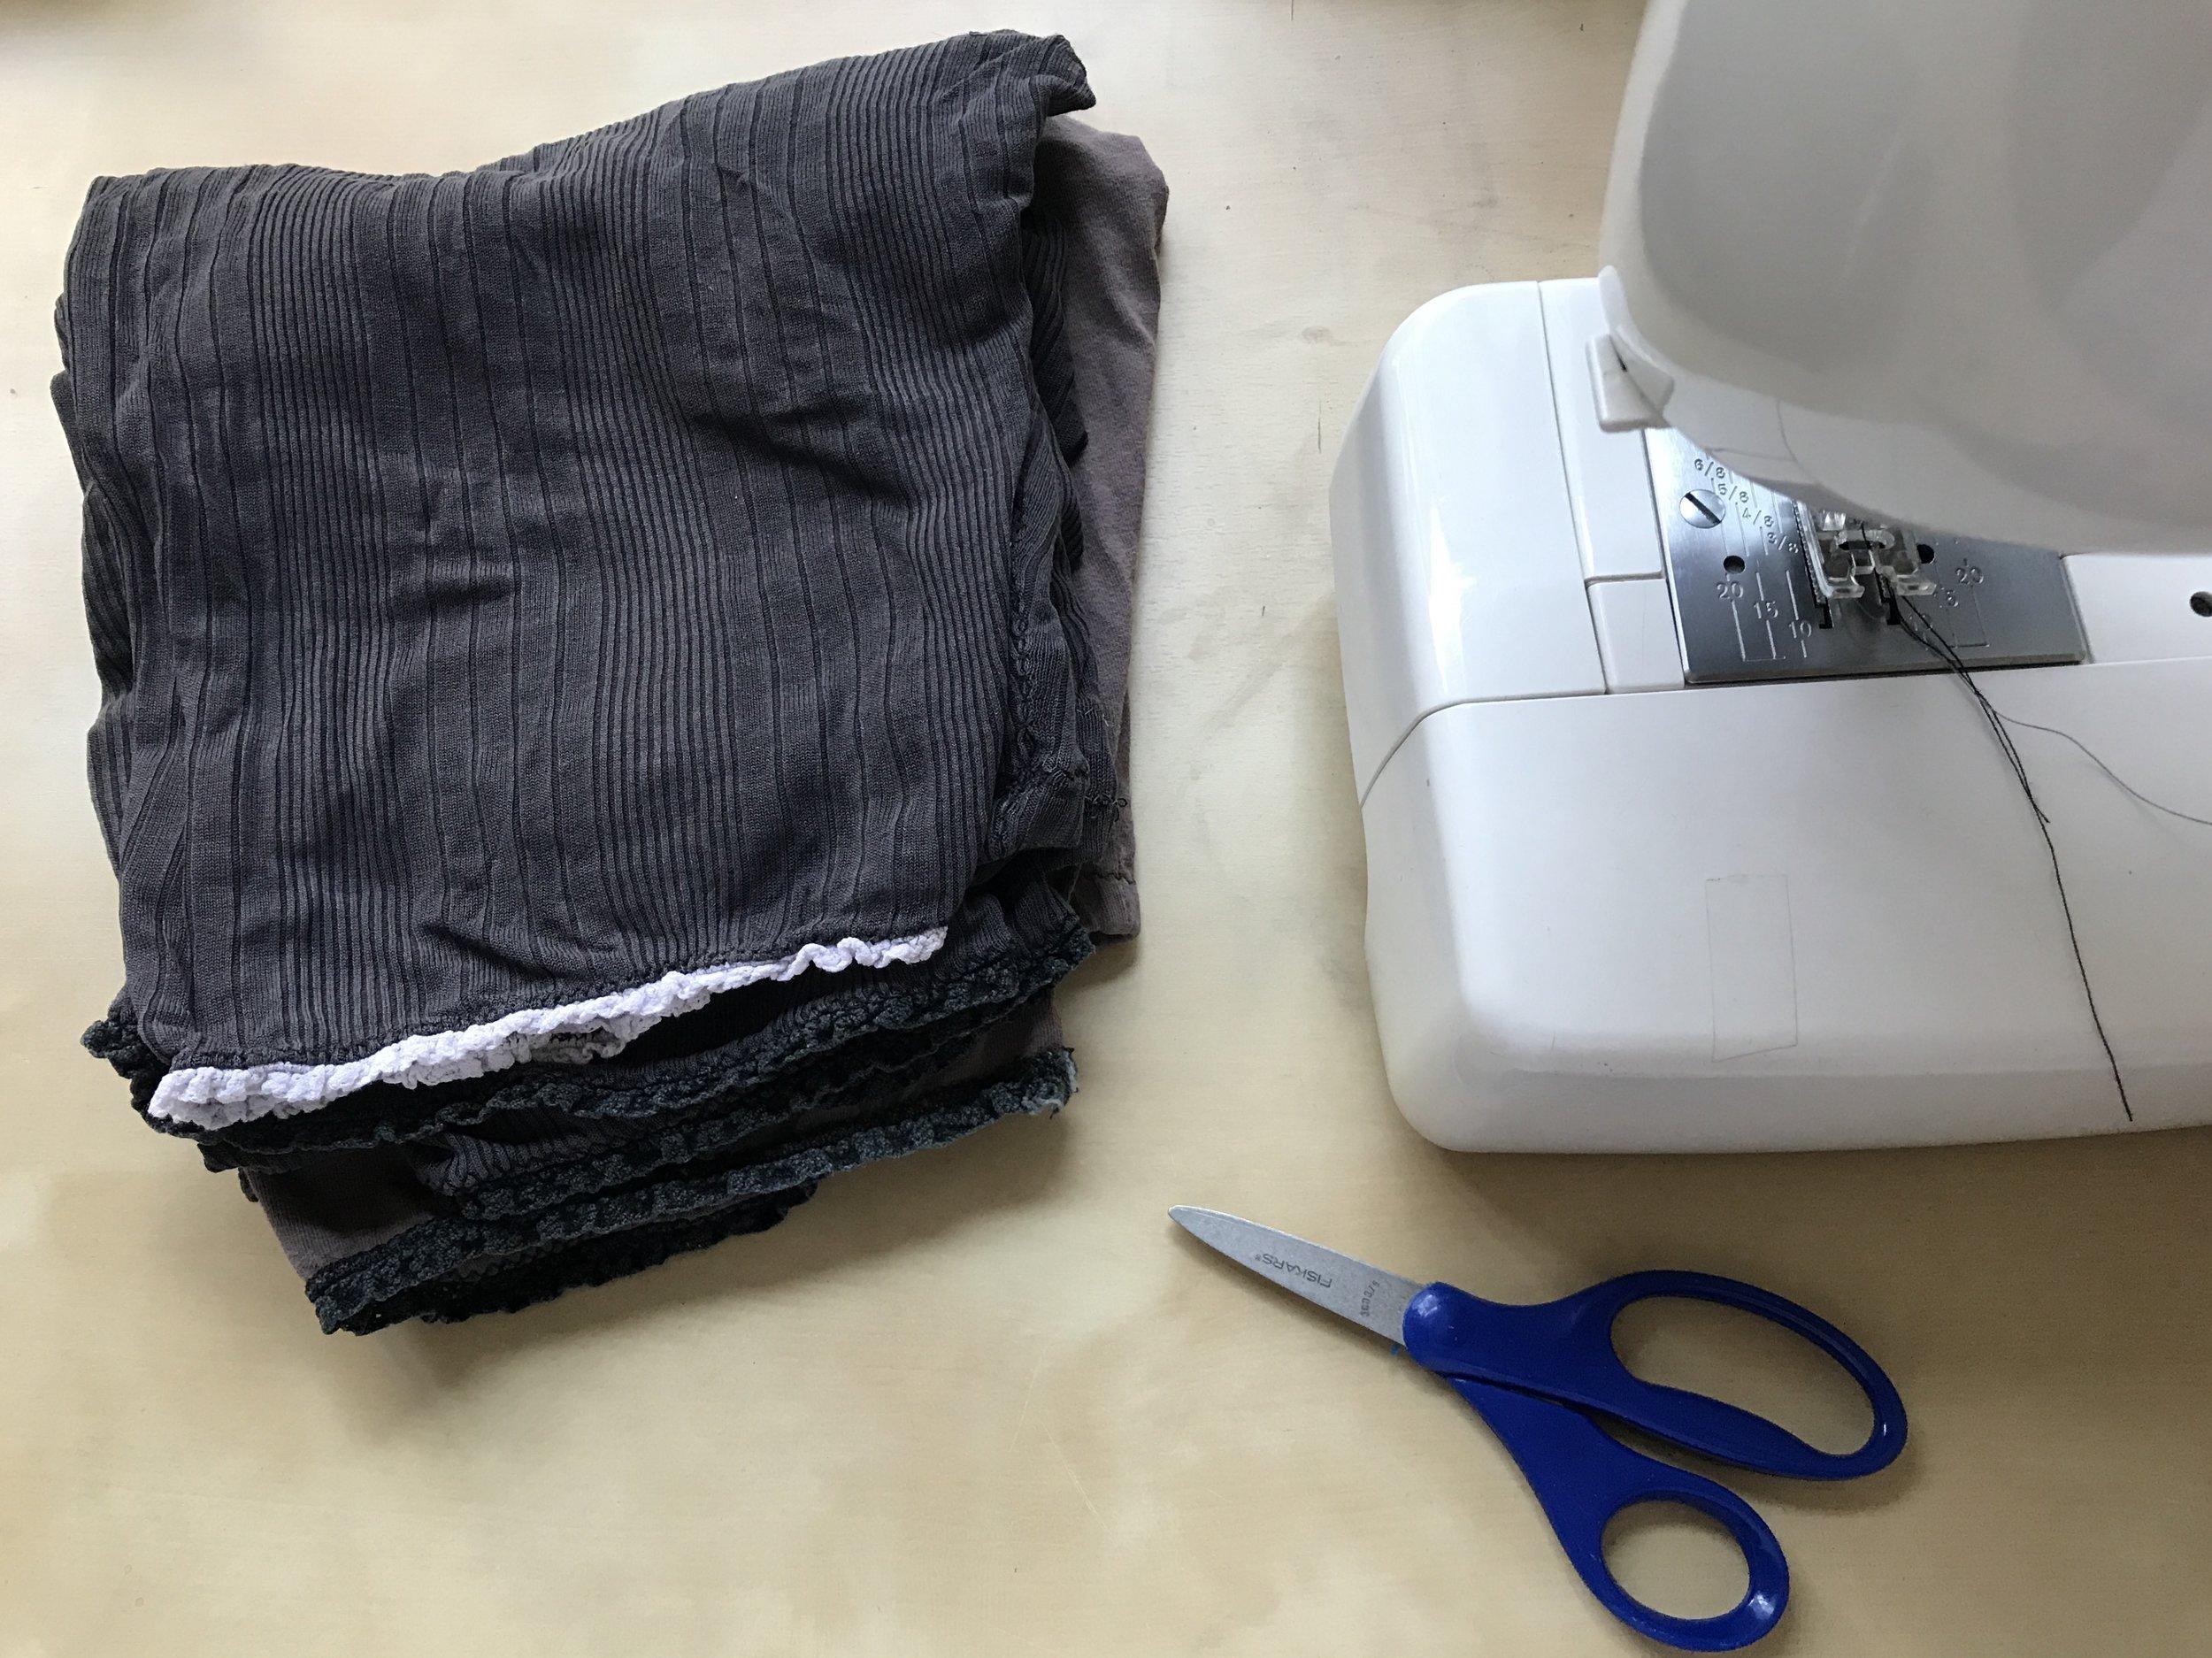 Mended Underwear, 2017